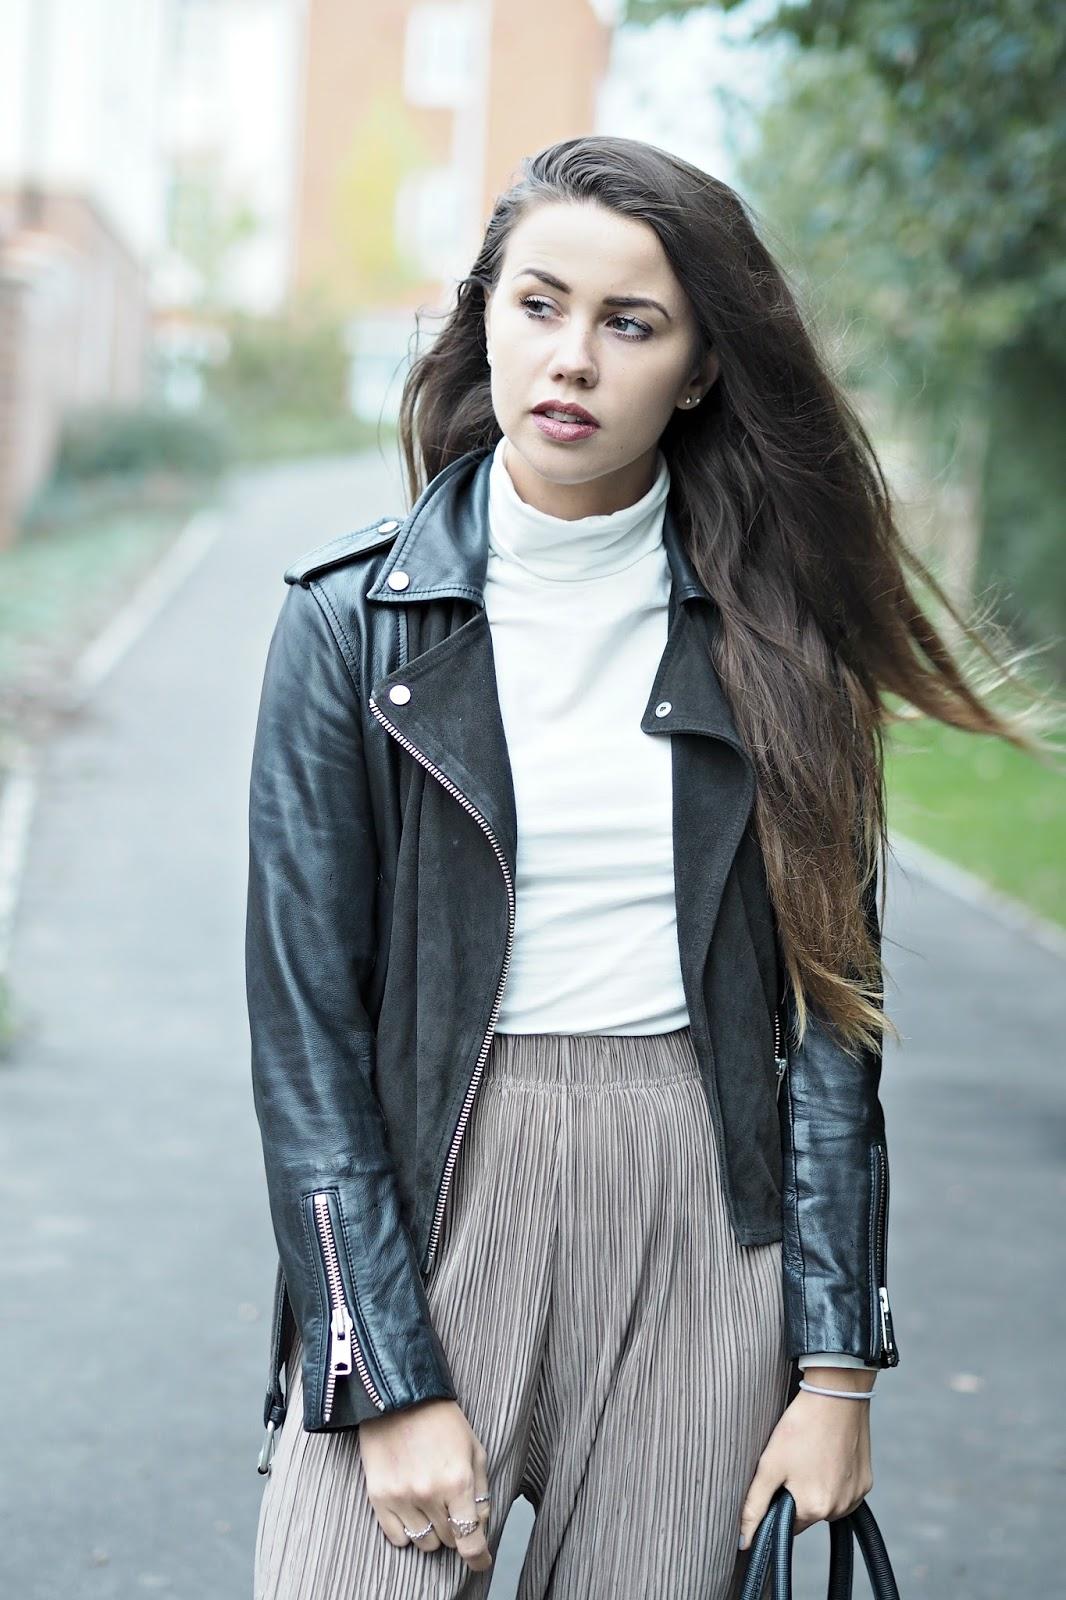 style blogger, autumn 2016 style